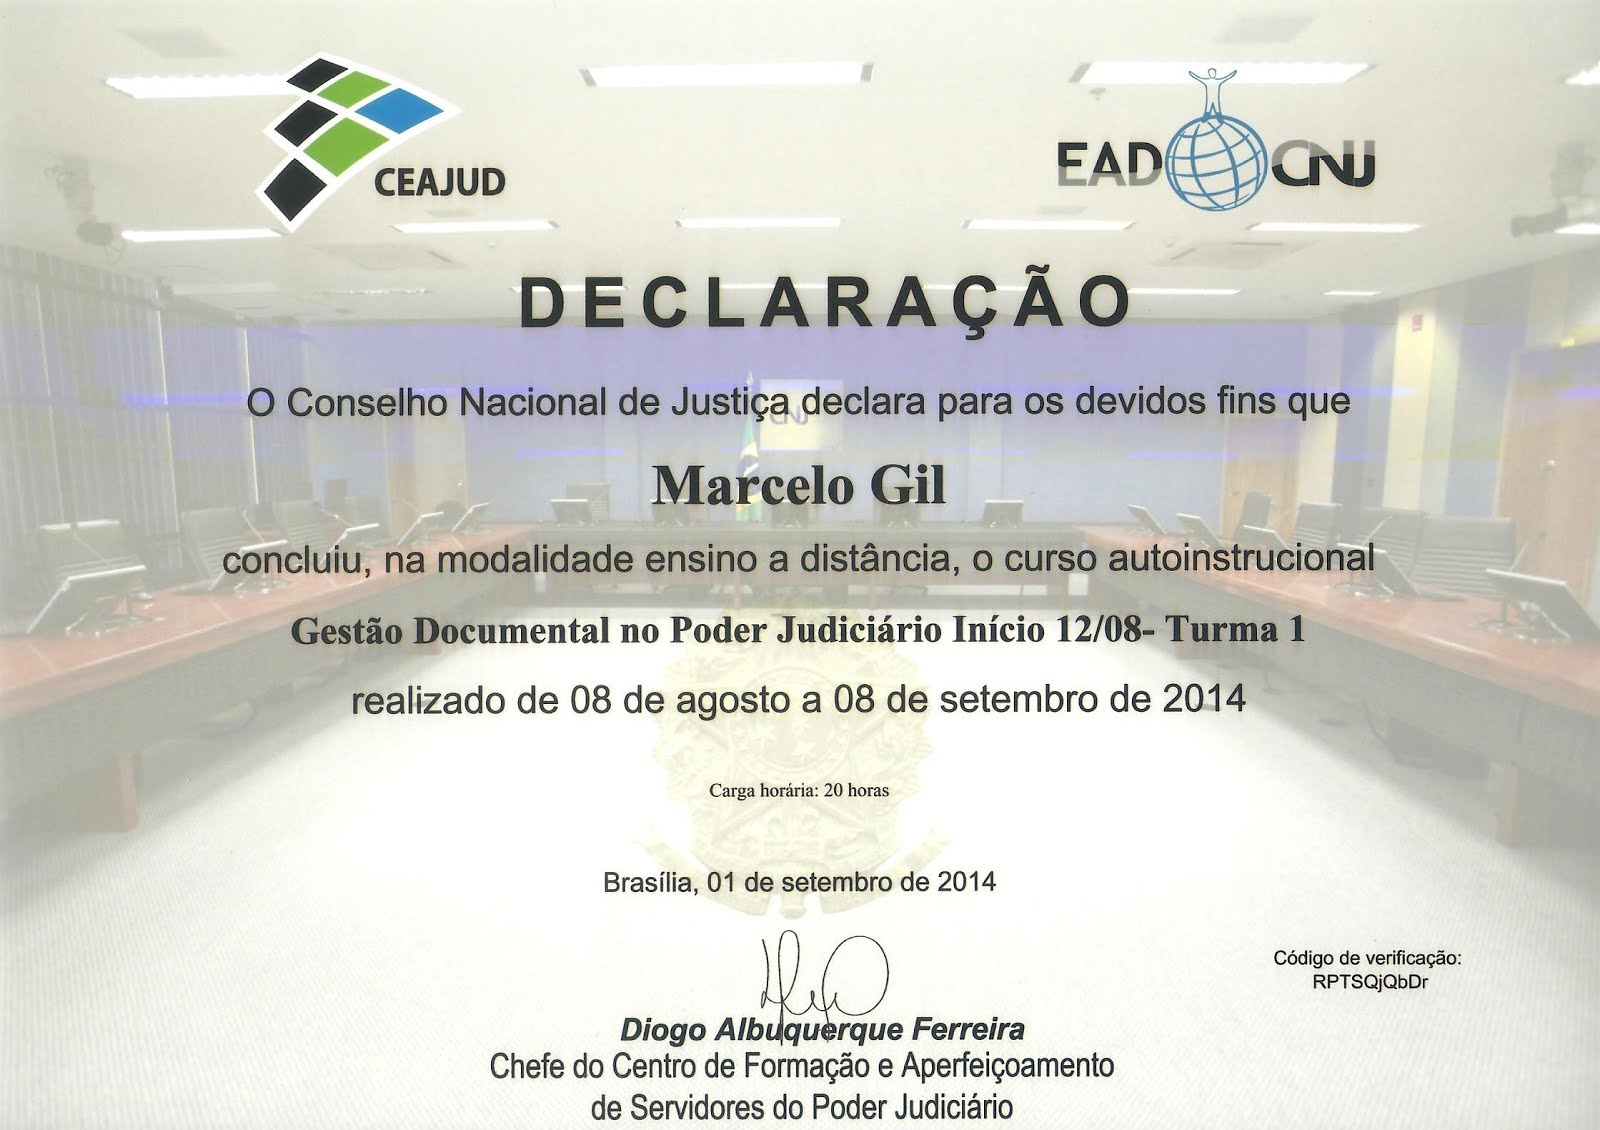 CERTIFICADO DO CONSELHO NACIONAL DE JUSTIÇA CONCEDIDO À MARCELO GIL / 2014